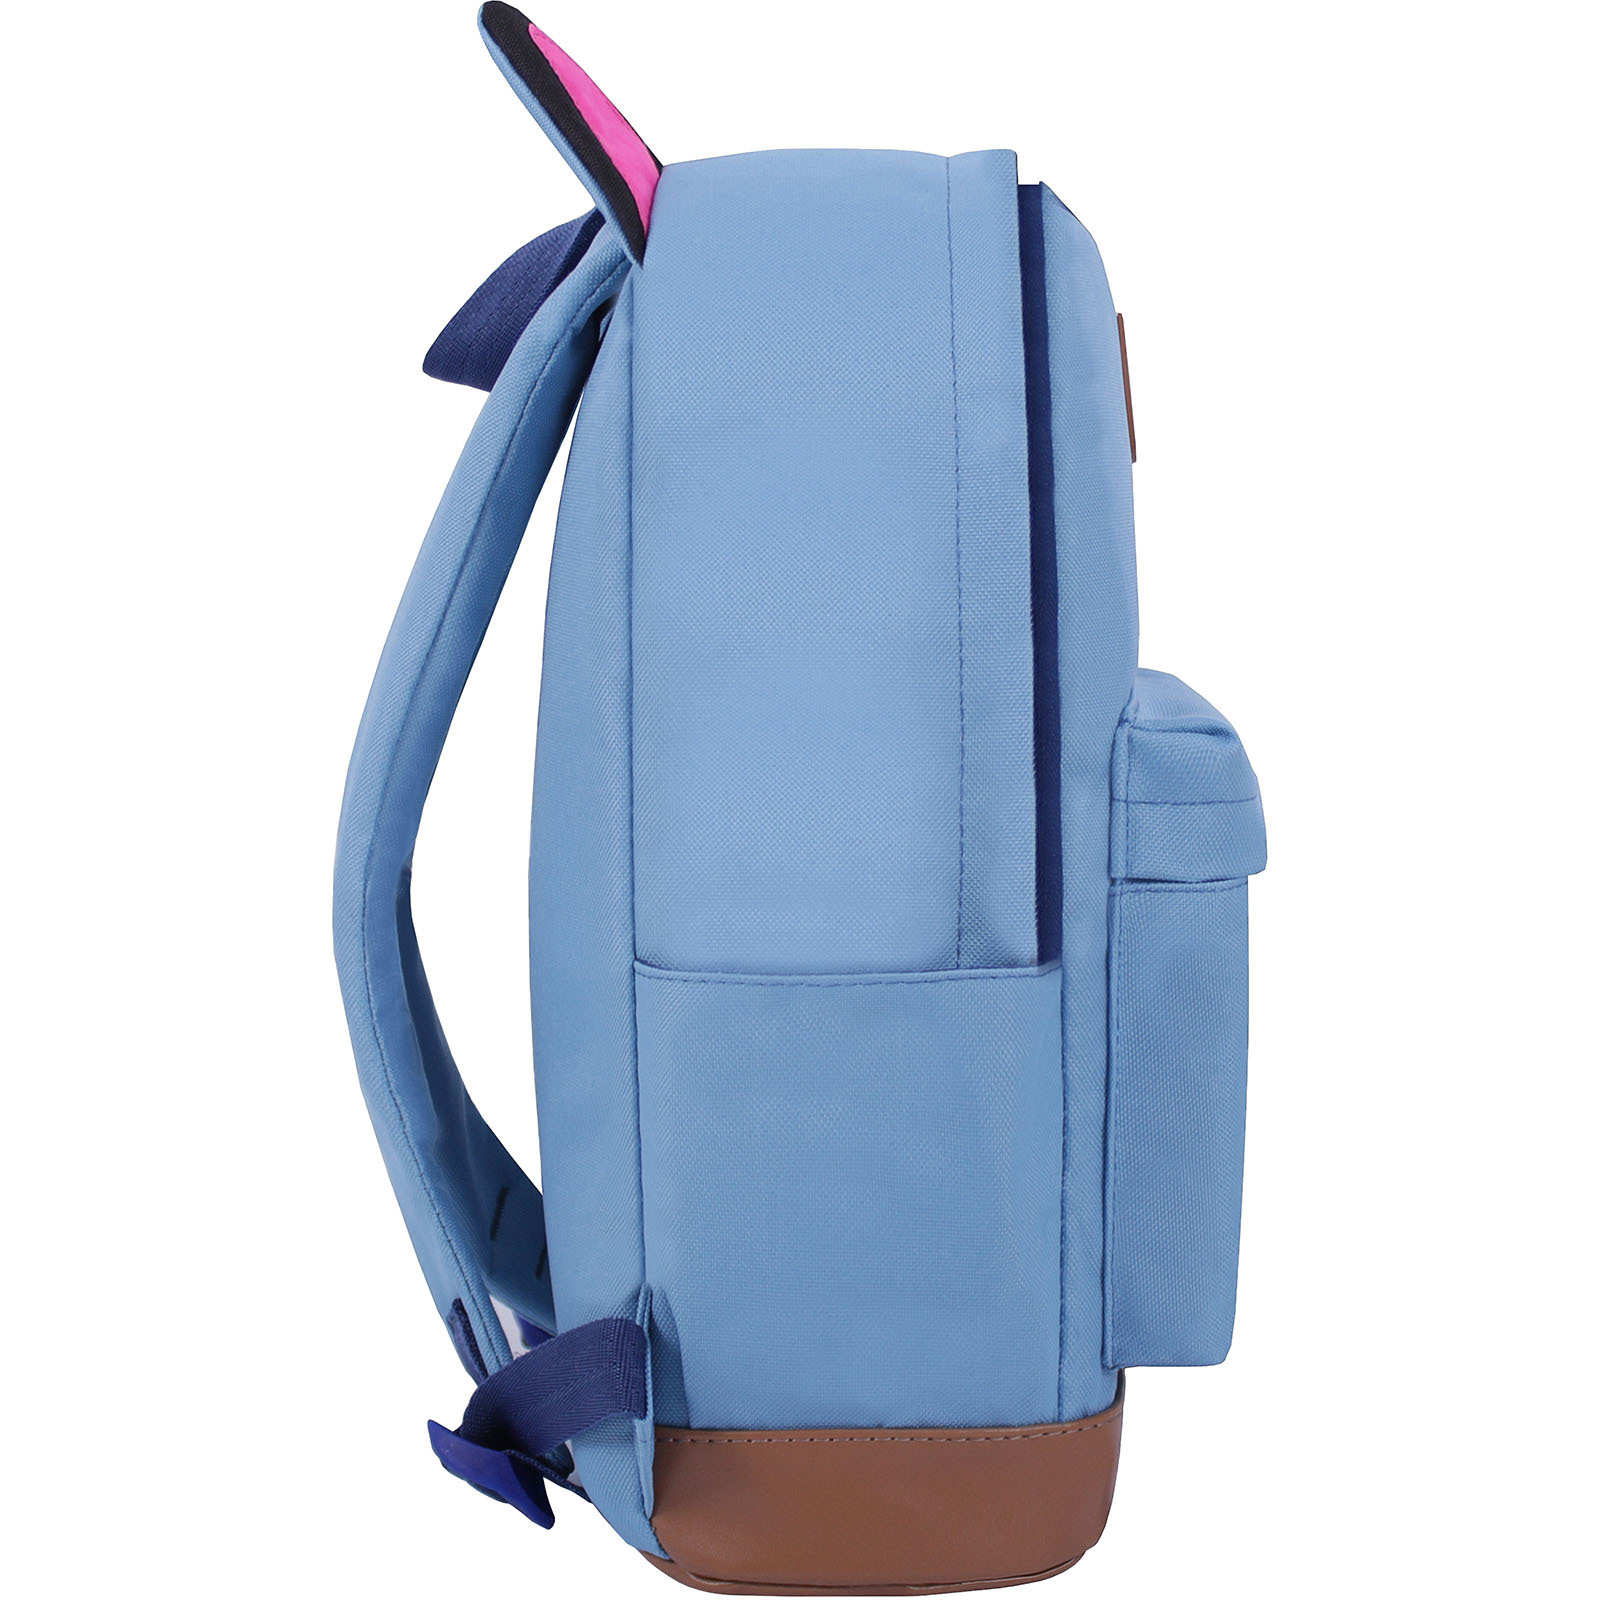 Рюкзак Bagland Ears голубой (0054566) фото 2